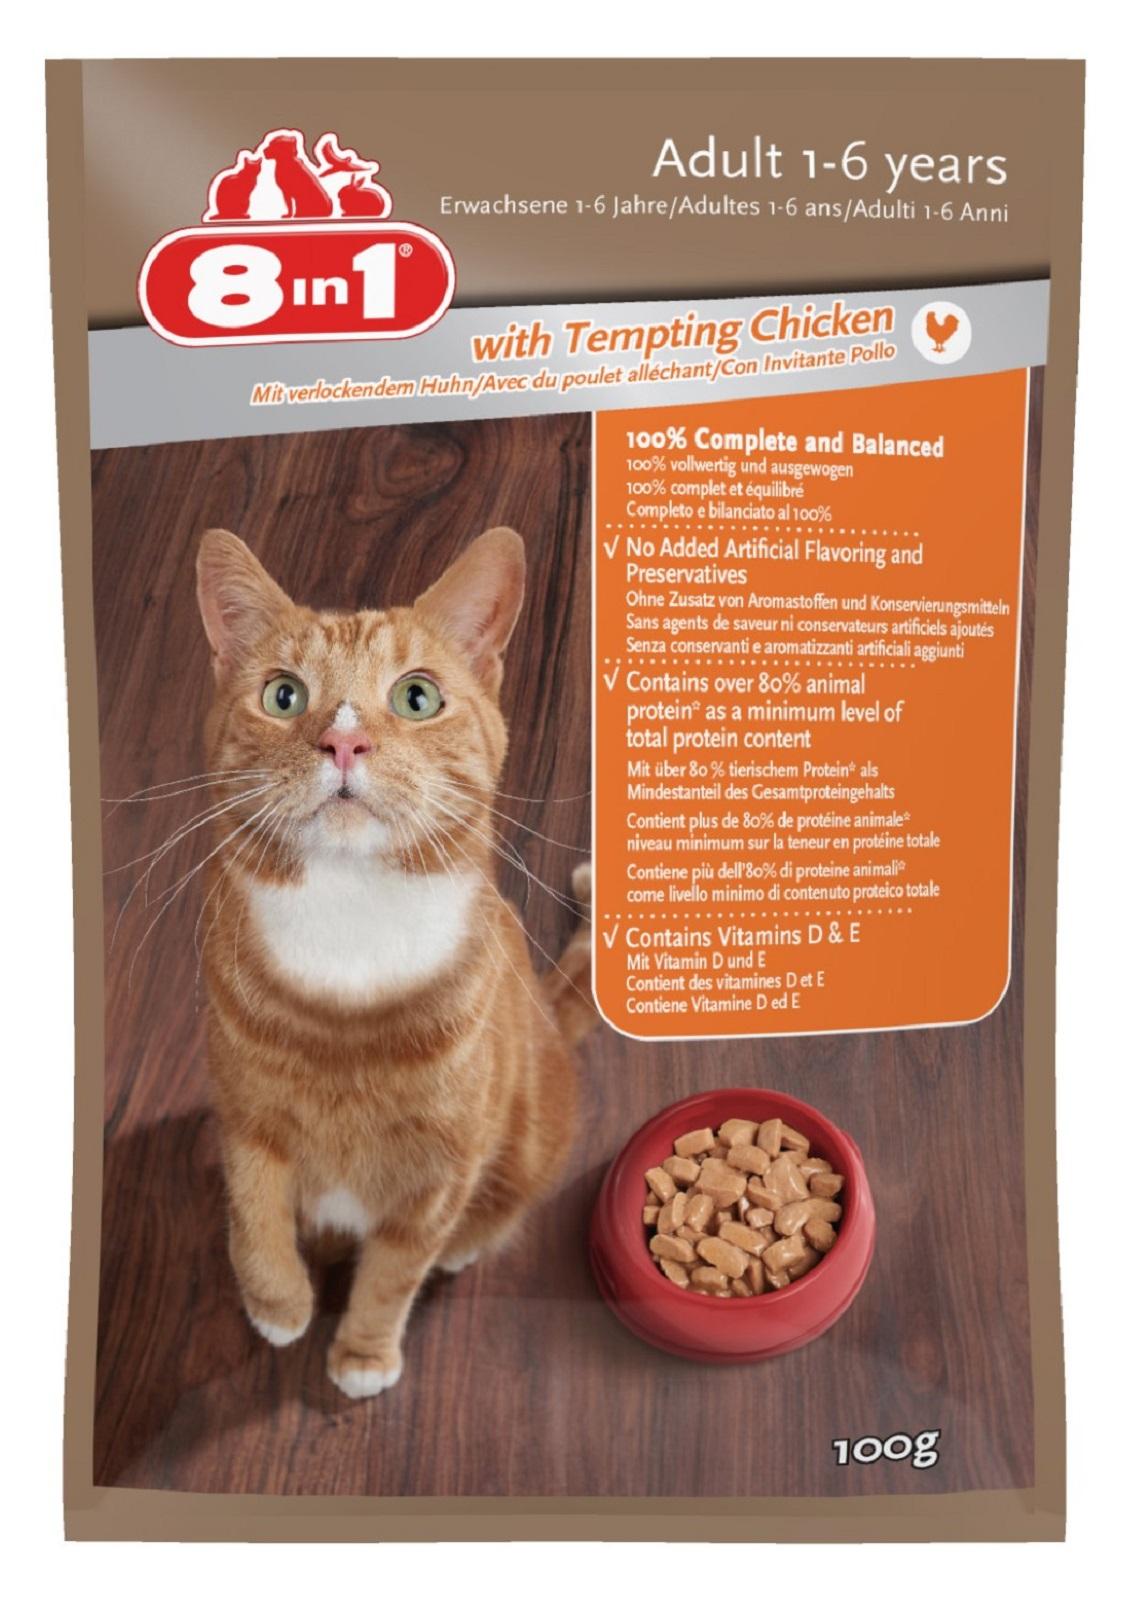 8in 1 Katzenfutter Frische im Huhn für Erwachsene Katzen100g